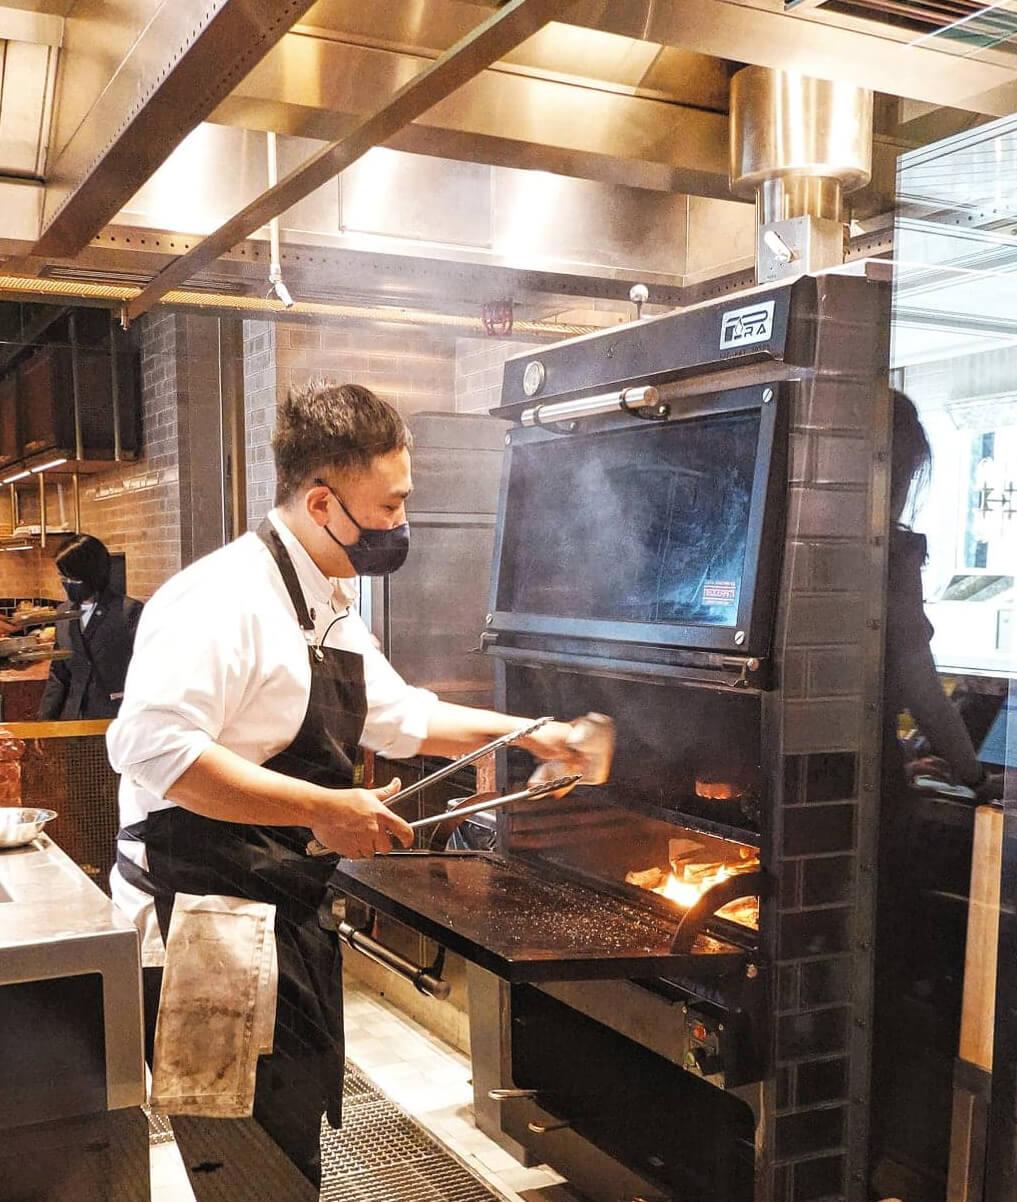 西班牙炭火燒烤,令肉自帶煙燻味,用嚟烤肉嘅木材都好講究,會令肉呈現唔同風味。